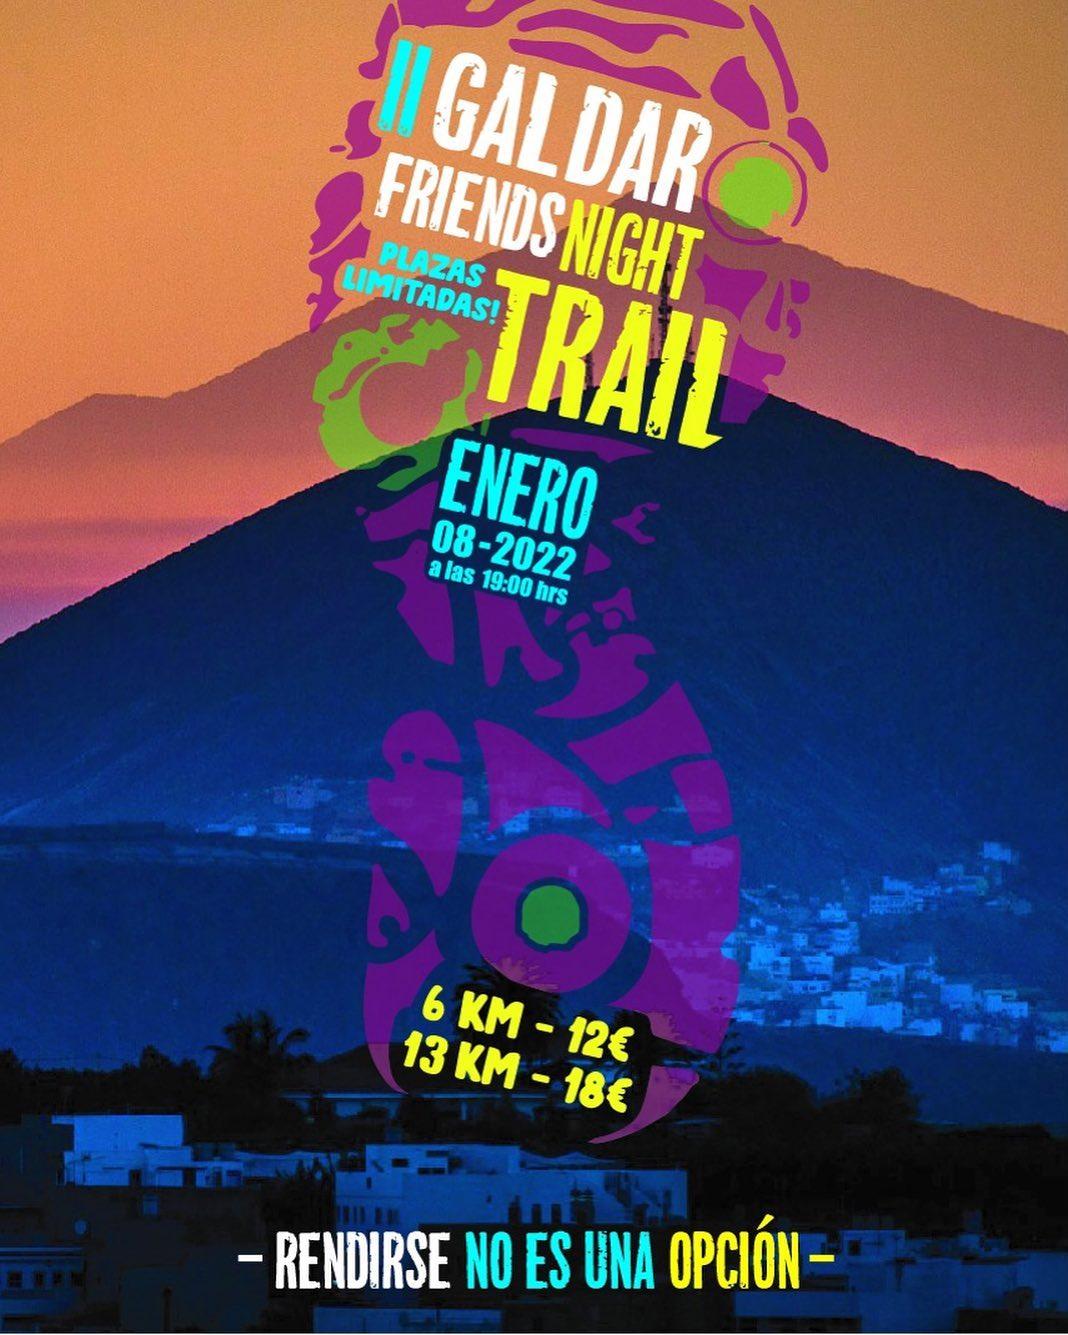 Cartel oficial de la carrera Gáldar Friends Night Trail 2022 organizada por galdarfriends